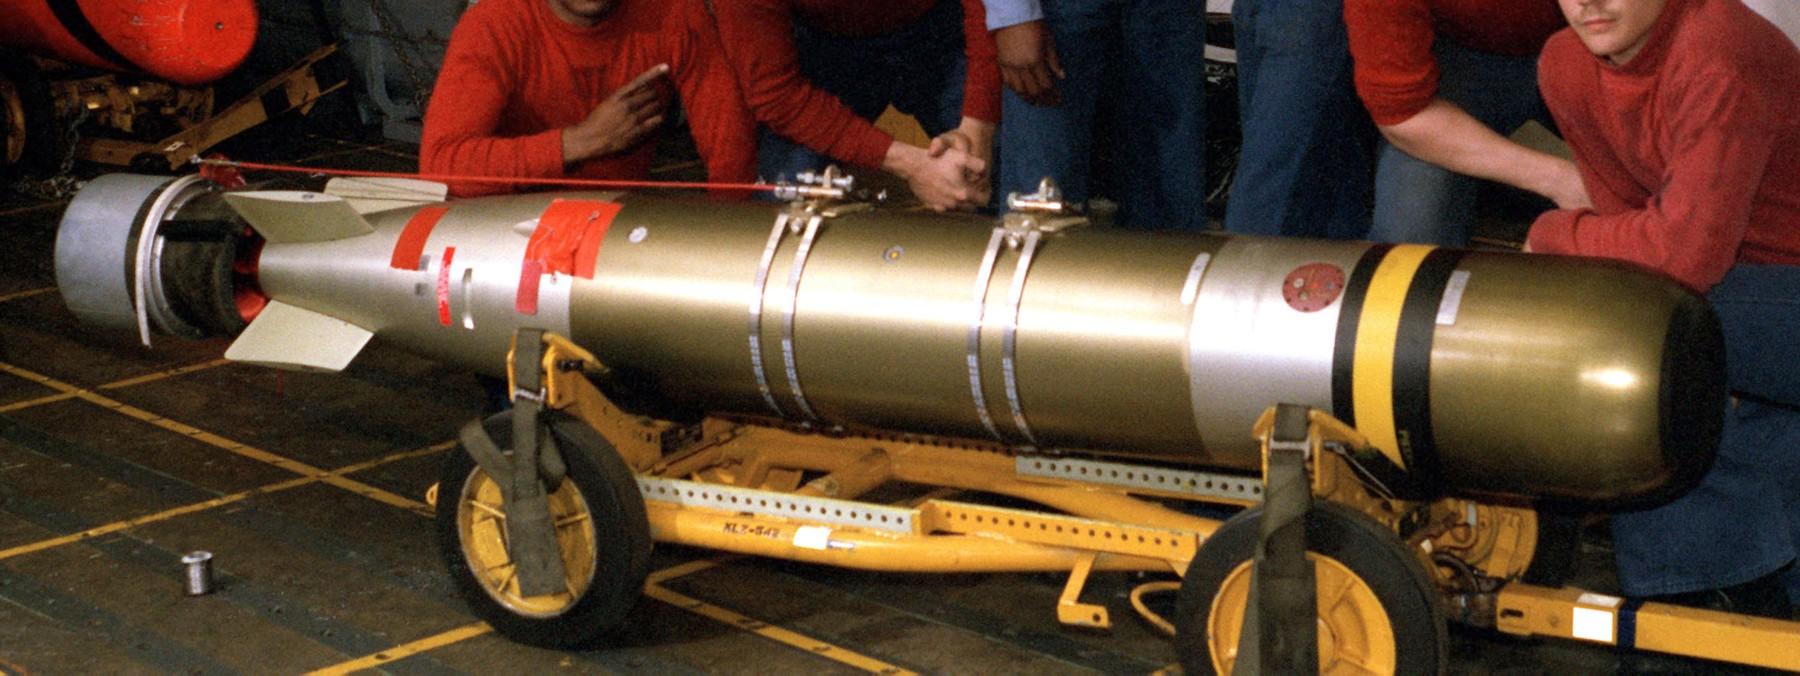 Mk-46-torpedo-013.jpg